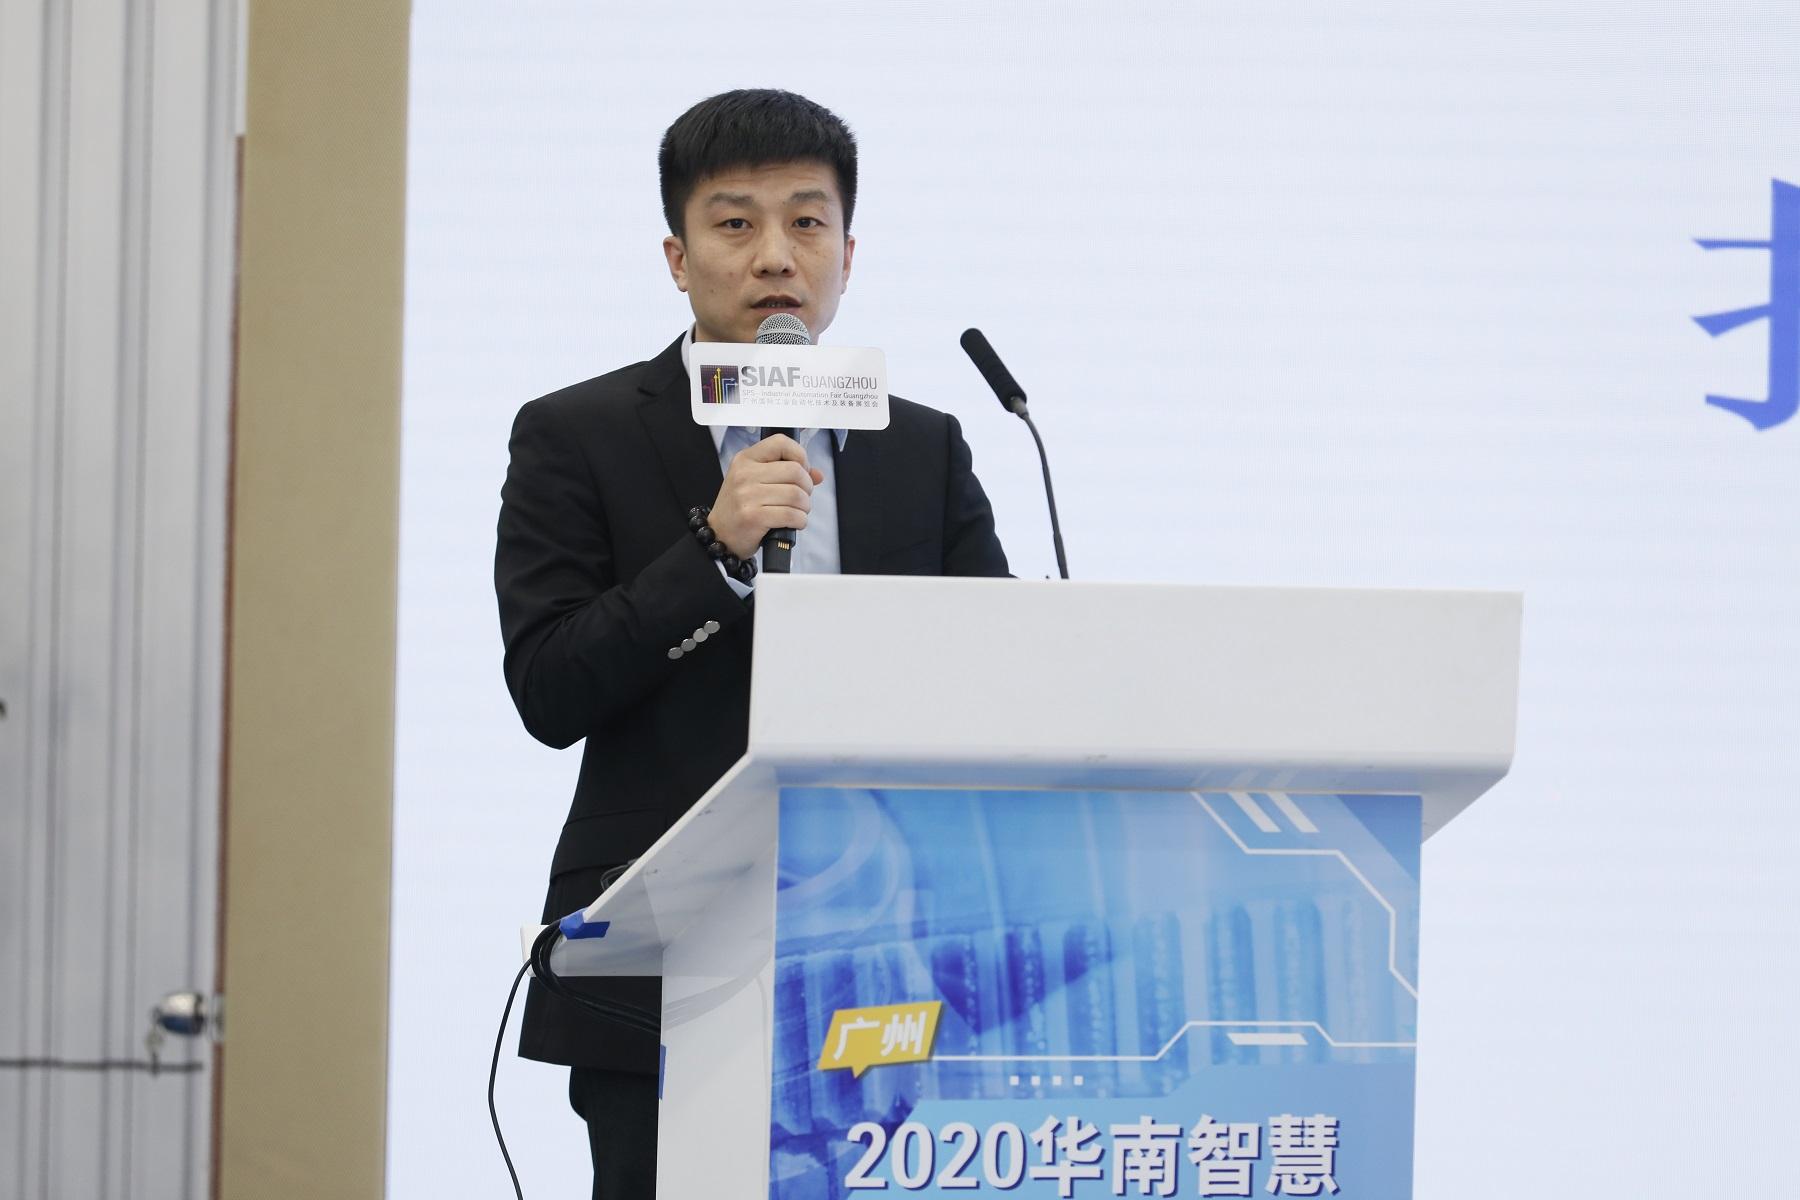 航天云网数据研究院(广东)有限公司副总经理王宇